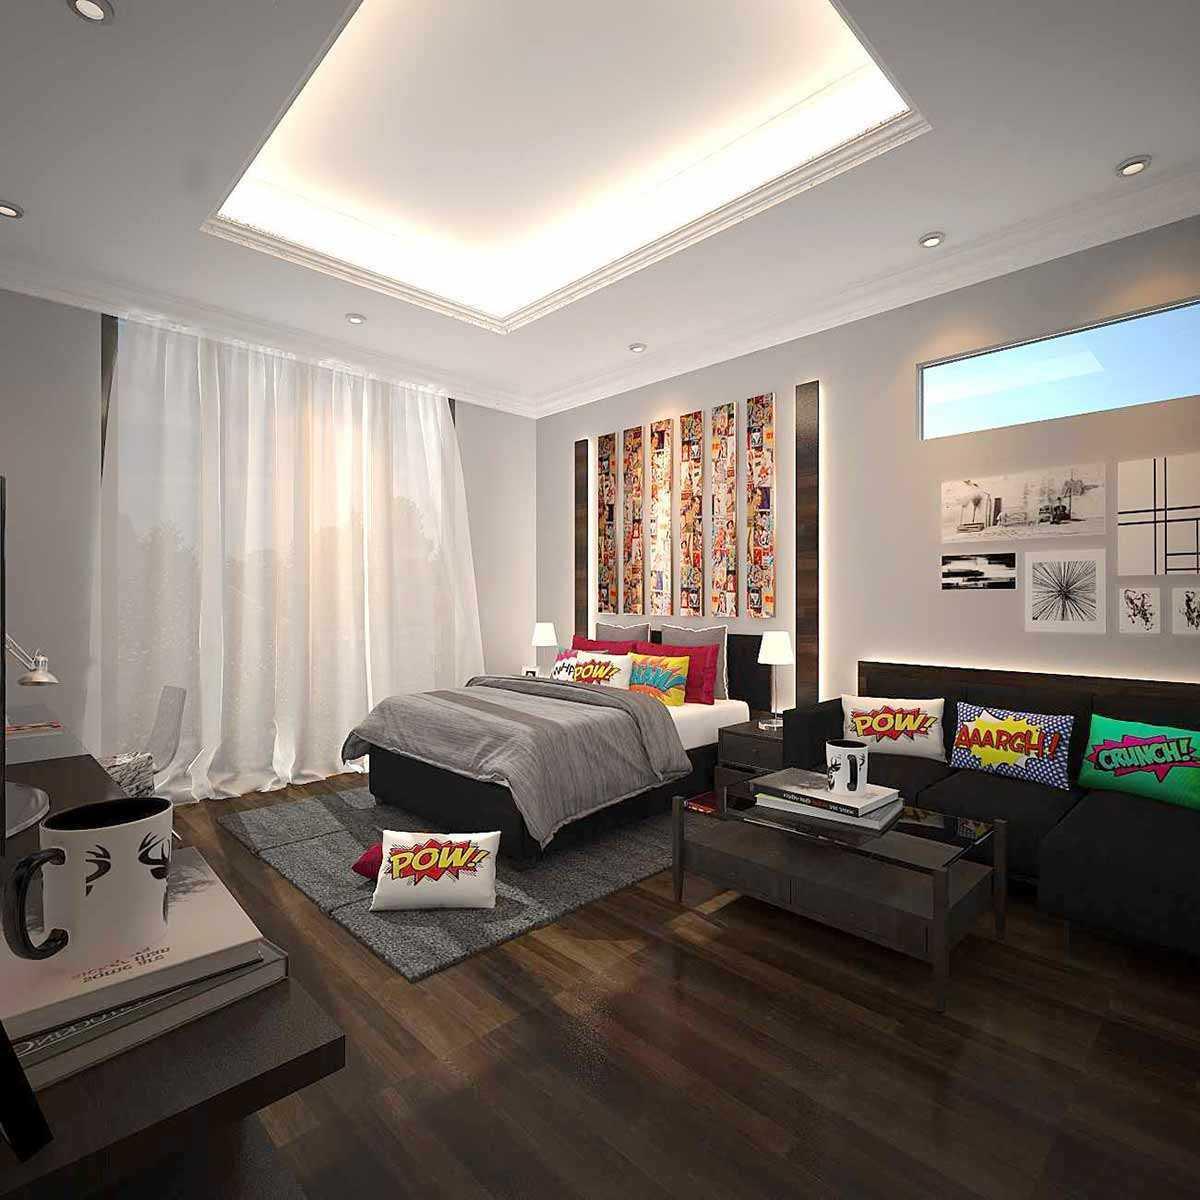 Dekorasi kamar tema game dan komik, karya Kaye Interior Design, via arsitag.com